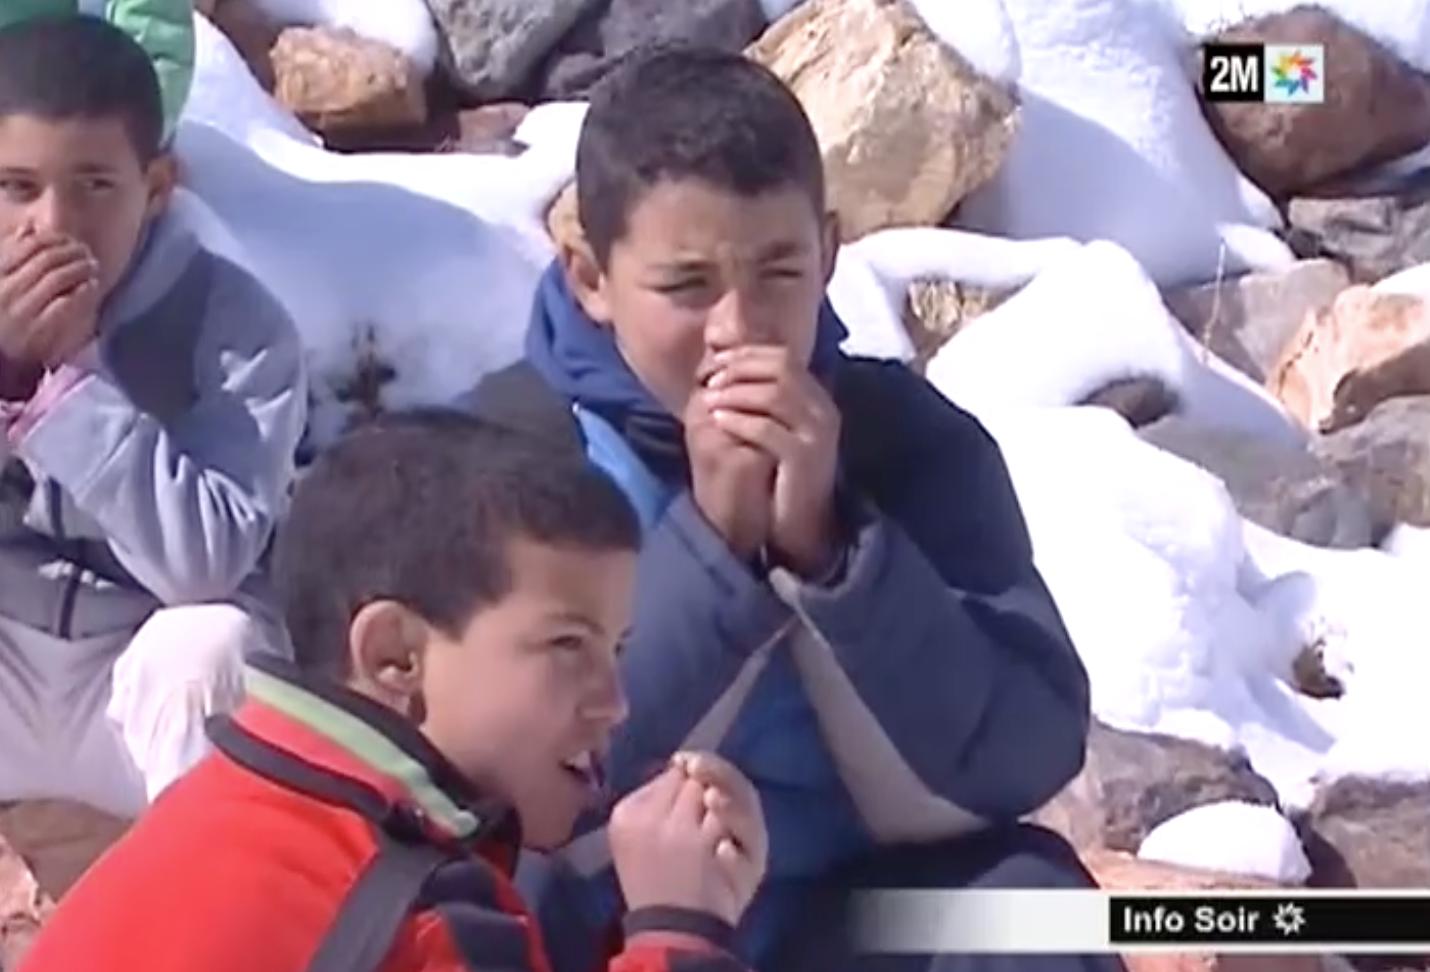 enfants kidnappés djhadistes